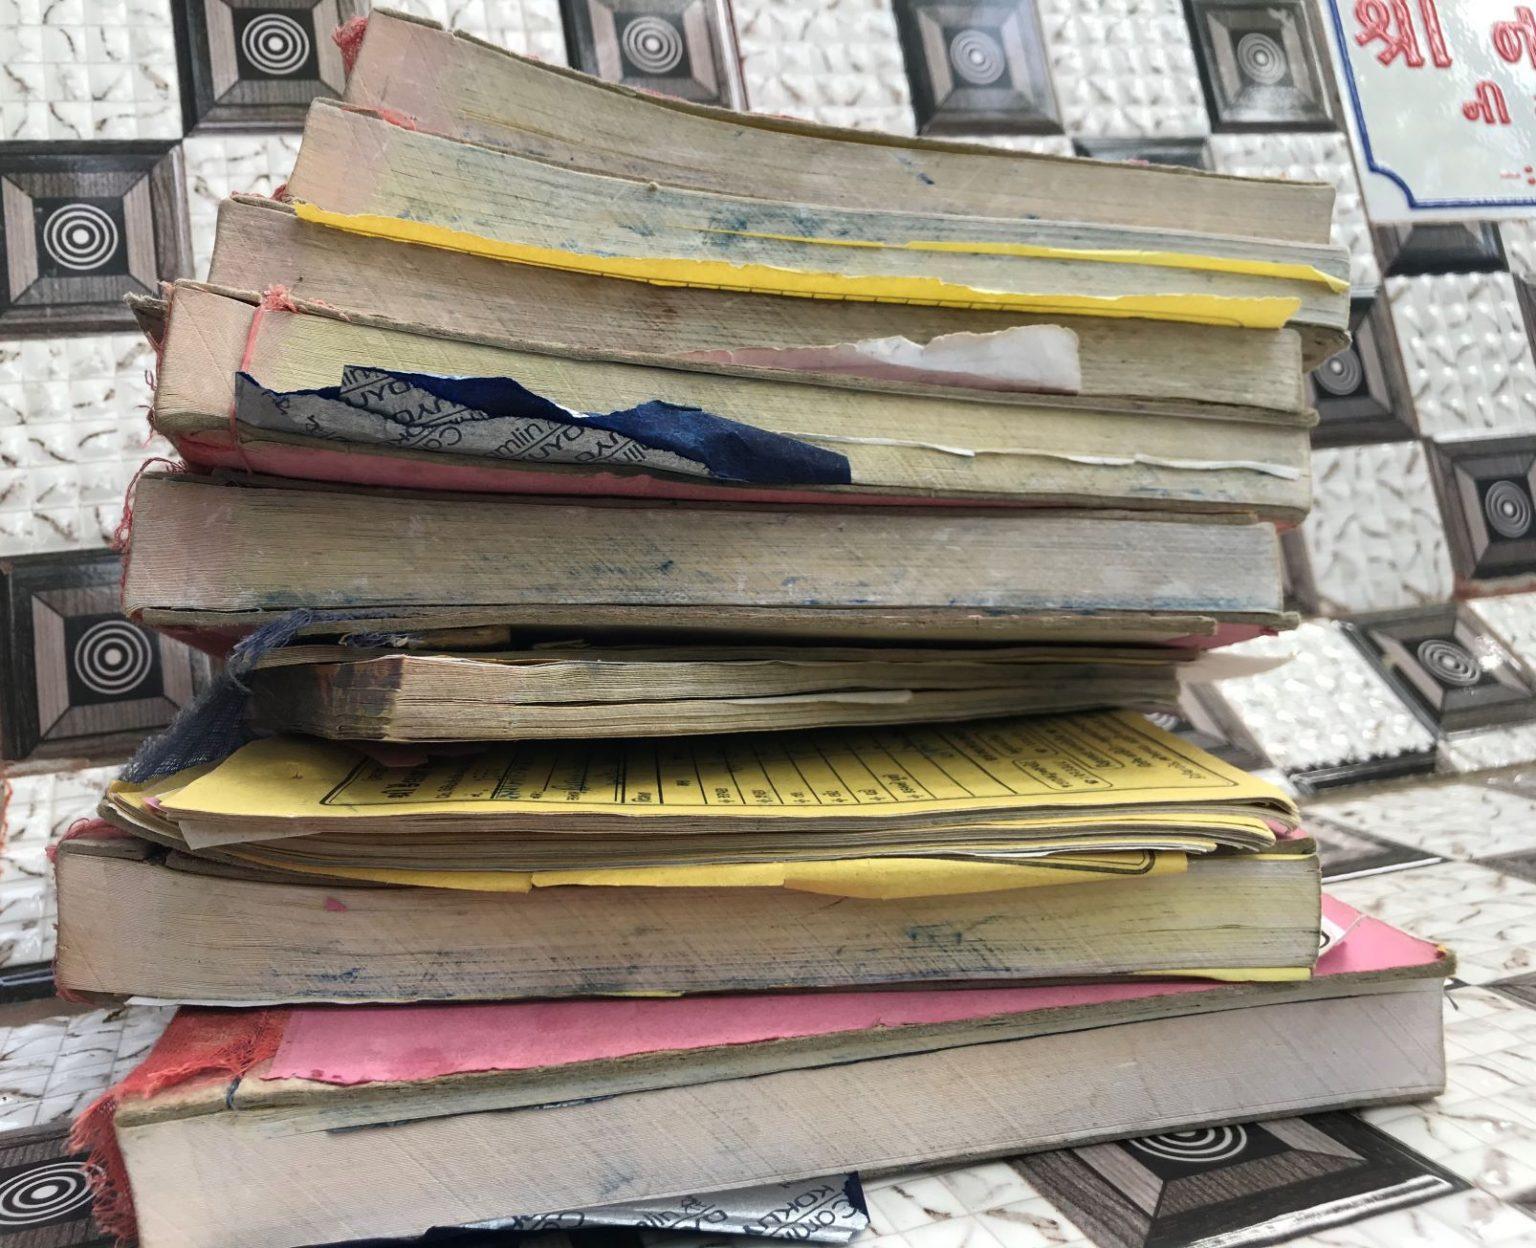 اپریل اورمئی کےمہینے میں امریلی کےصرف ایک شمشان میں7.5 ڈیتھ رجسٹر بھرے گئے۔ ہر رجسٹر میں100صفحے ہوتے ہیں۔ (فوٹو: شری گریش جلیہل/دی رپورٹرس کلیکٹو)